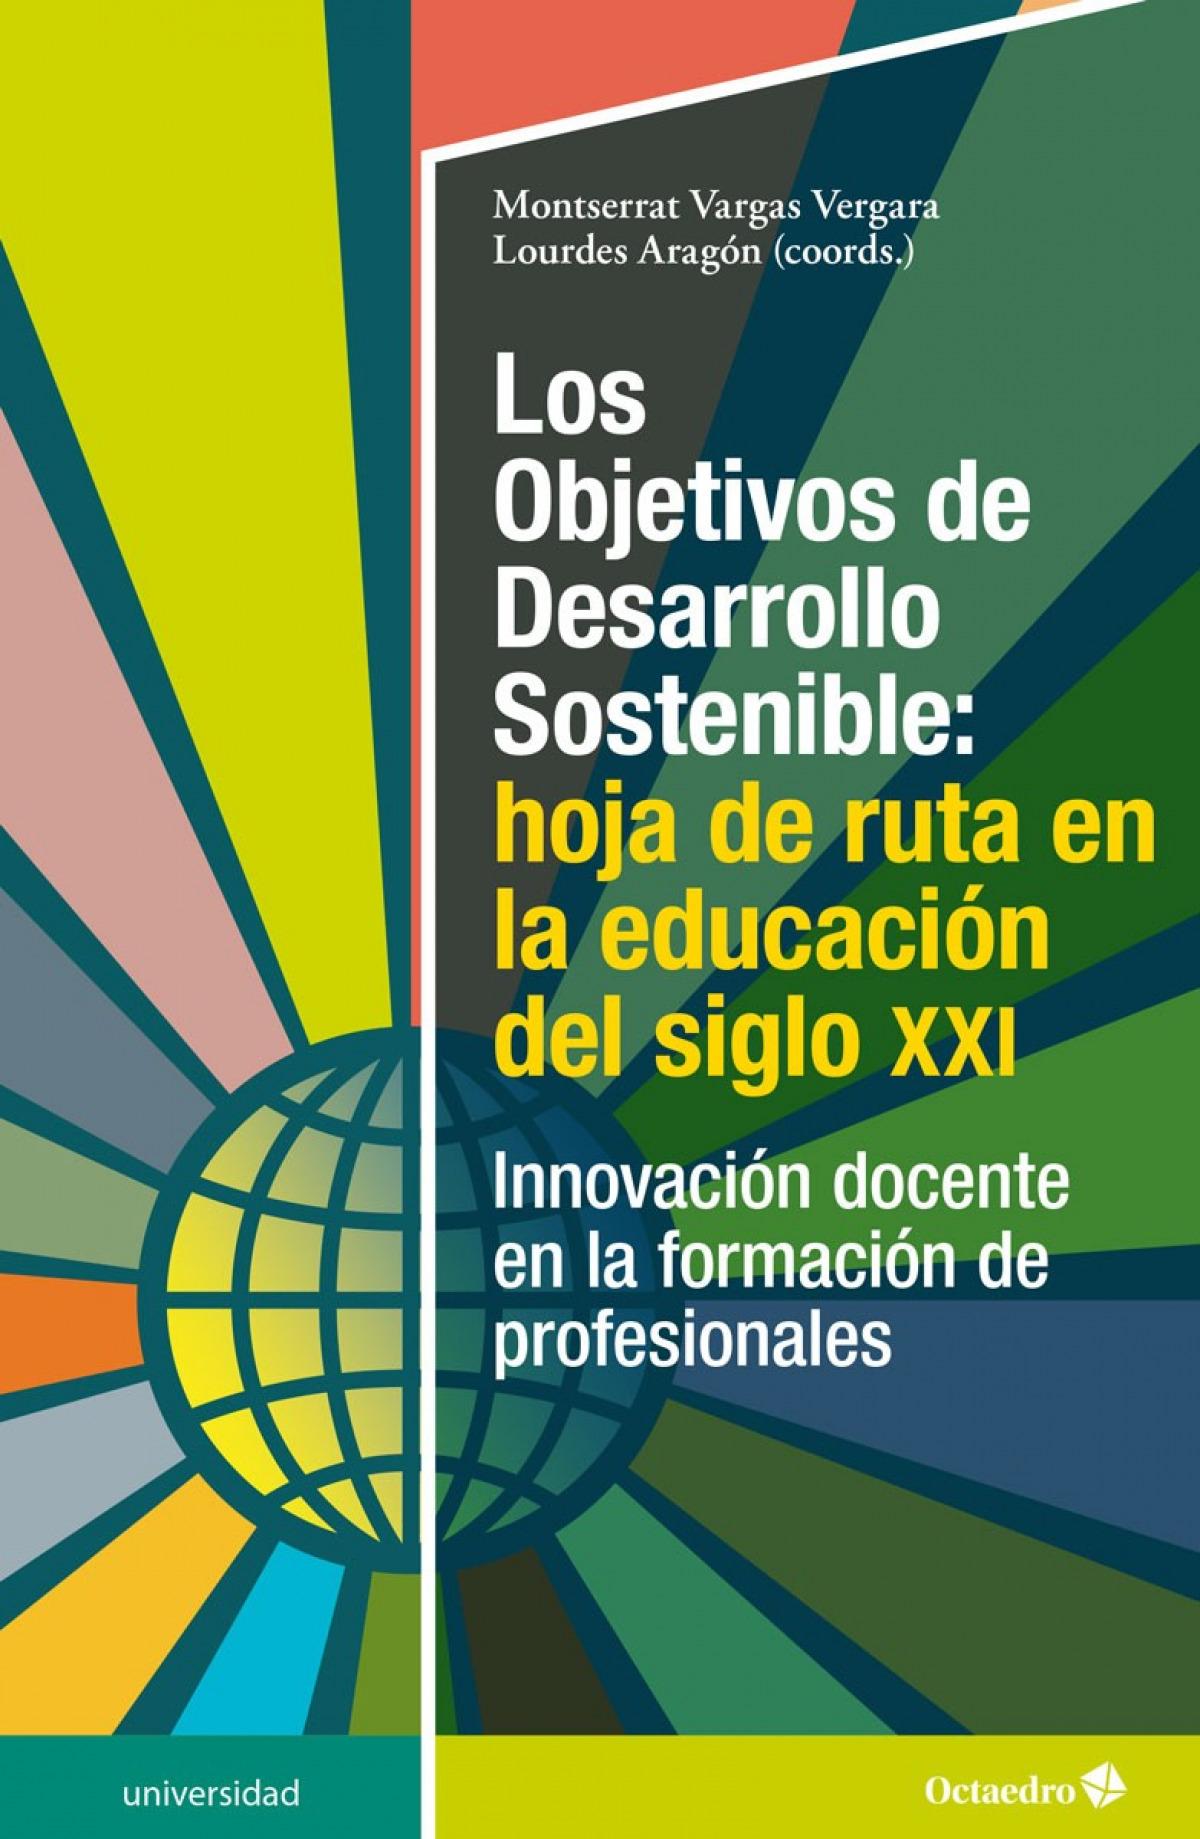 Los Objetivos de Desarrollo Sostenible: hoja de ruta en la educación del siglo XXI